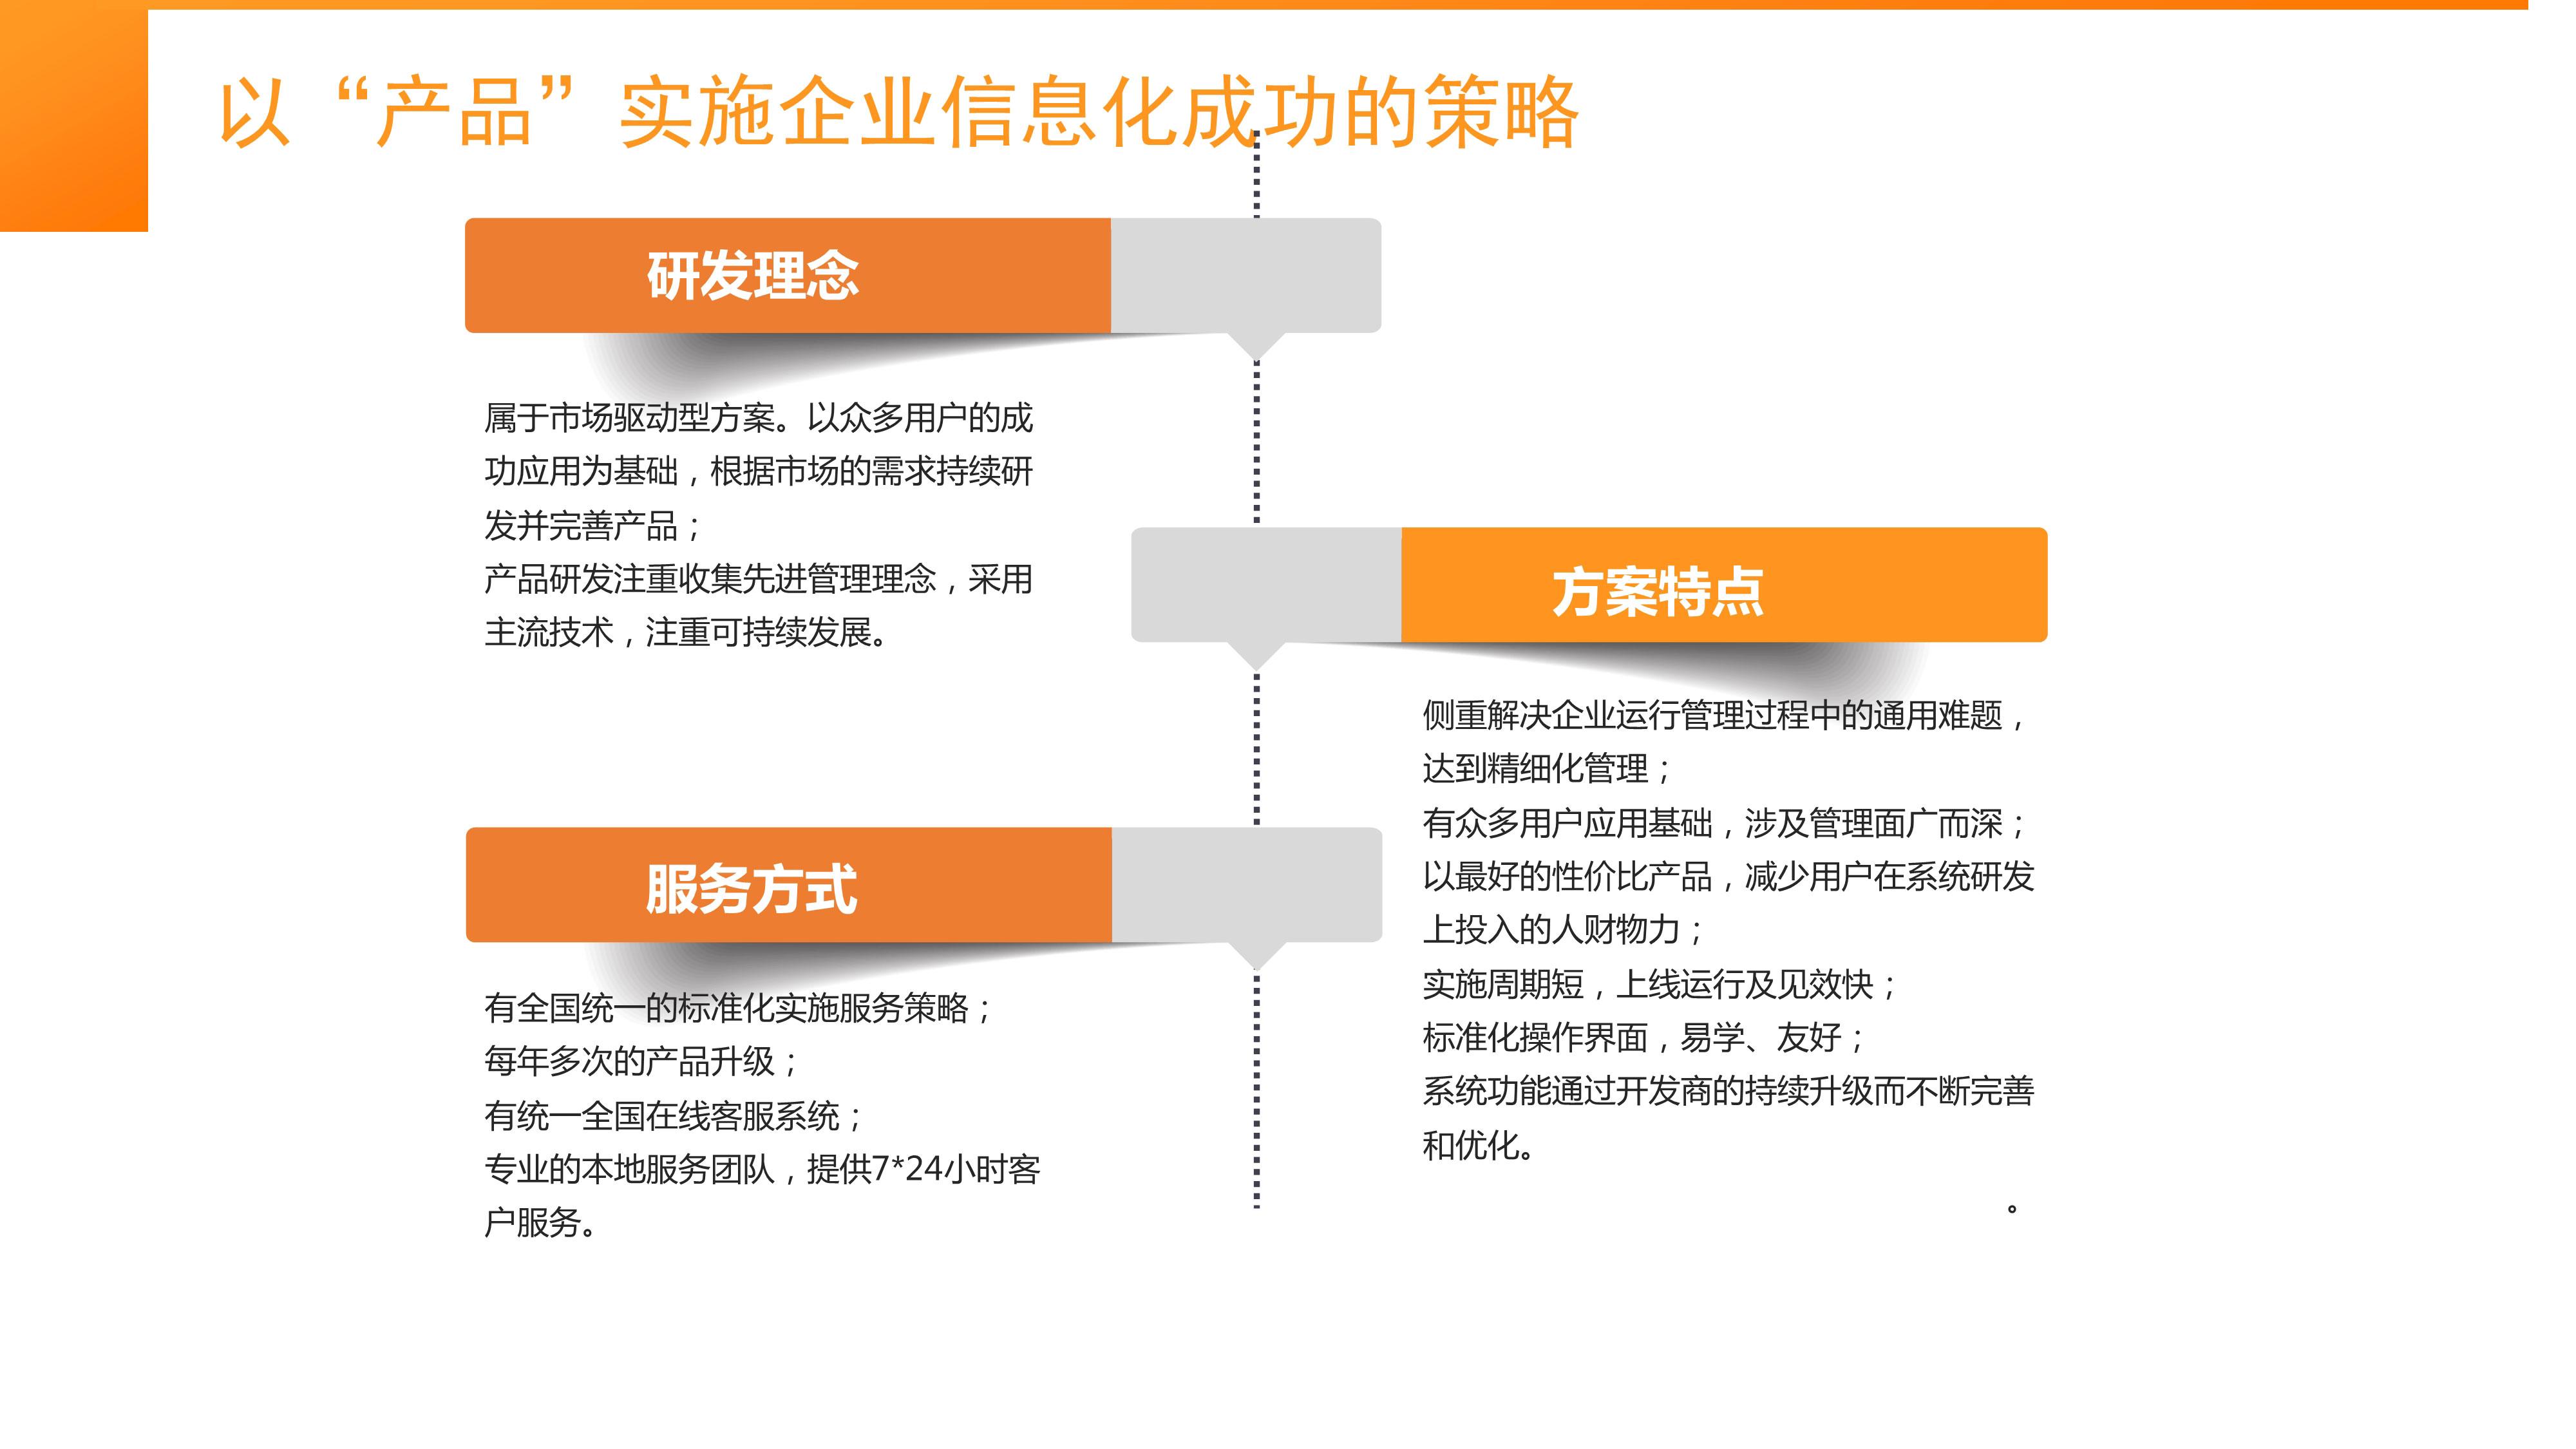 013011343503_0信天使综合信息管理系统旗舰版_3.jpg